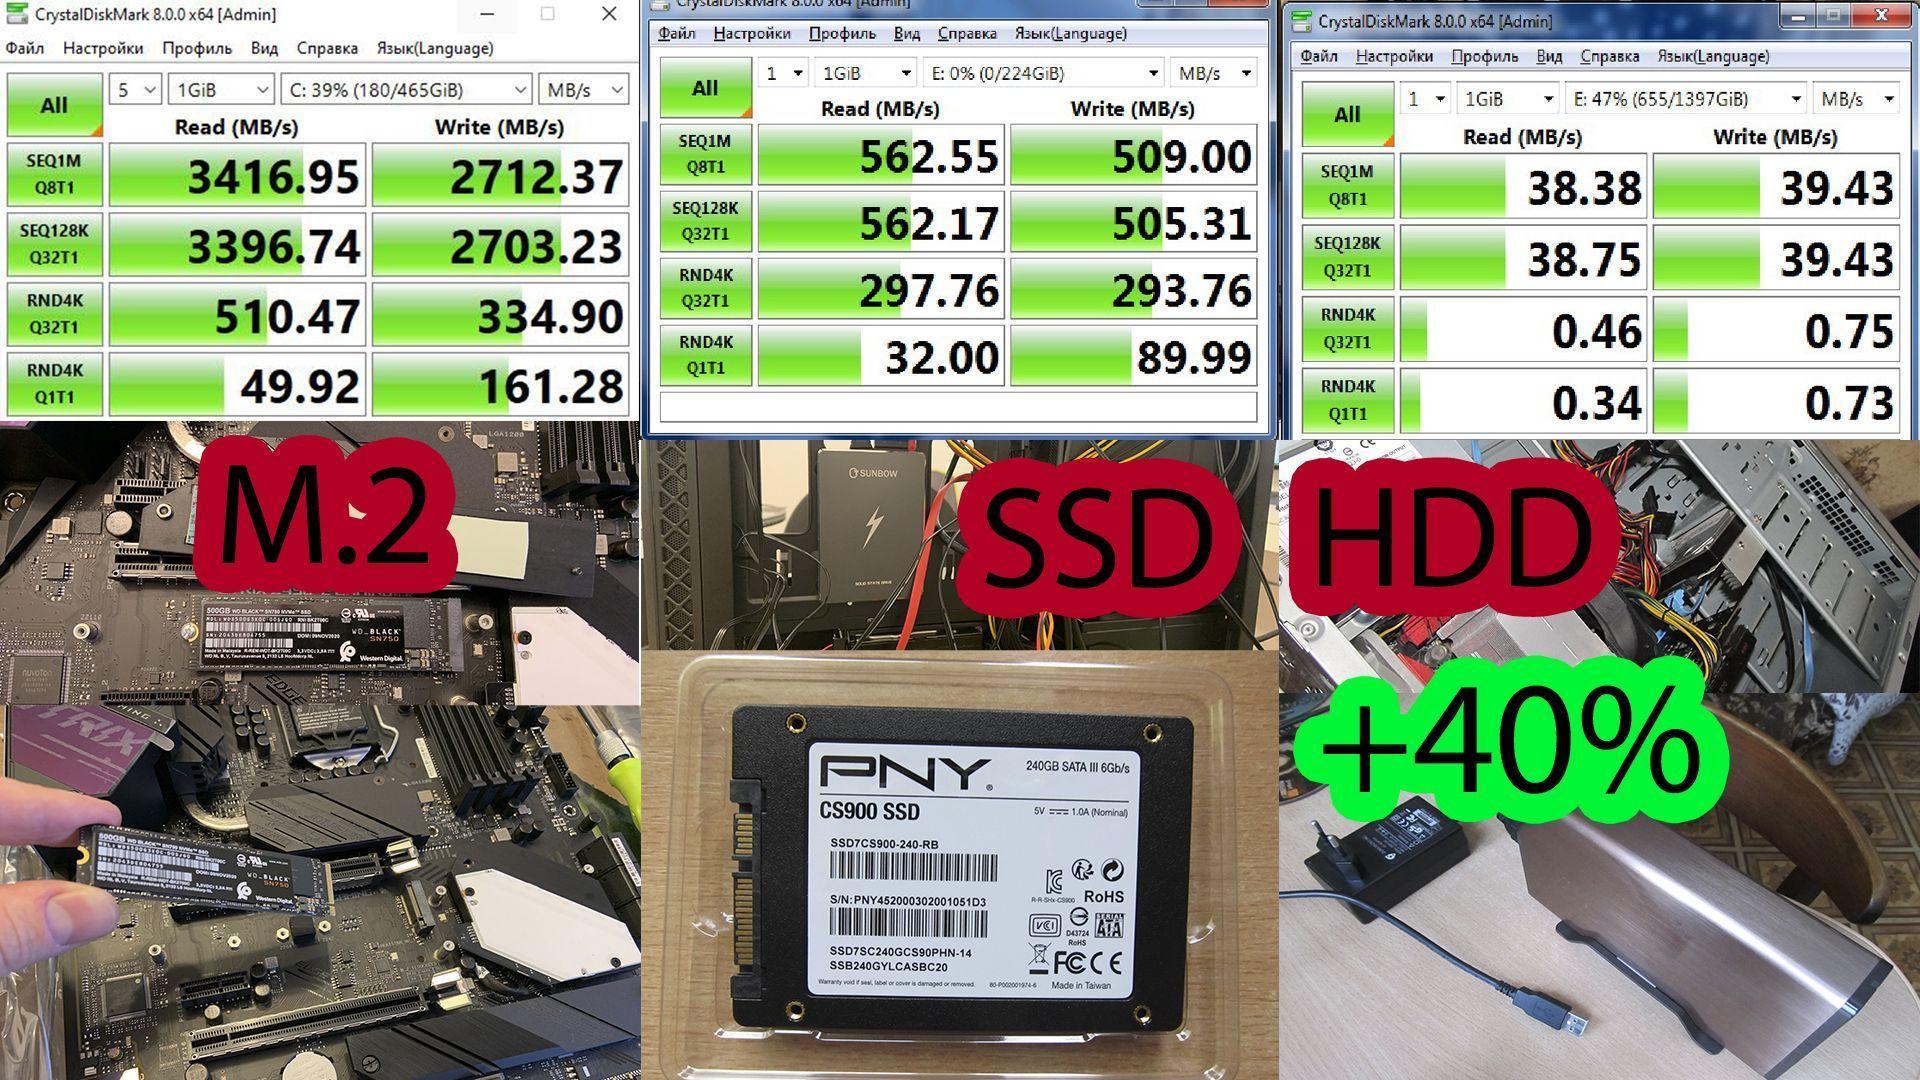 Как увеличить скорость жесткого диска? В даннгом видео мы покажем как получить +40% к скорости жесткого диска!